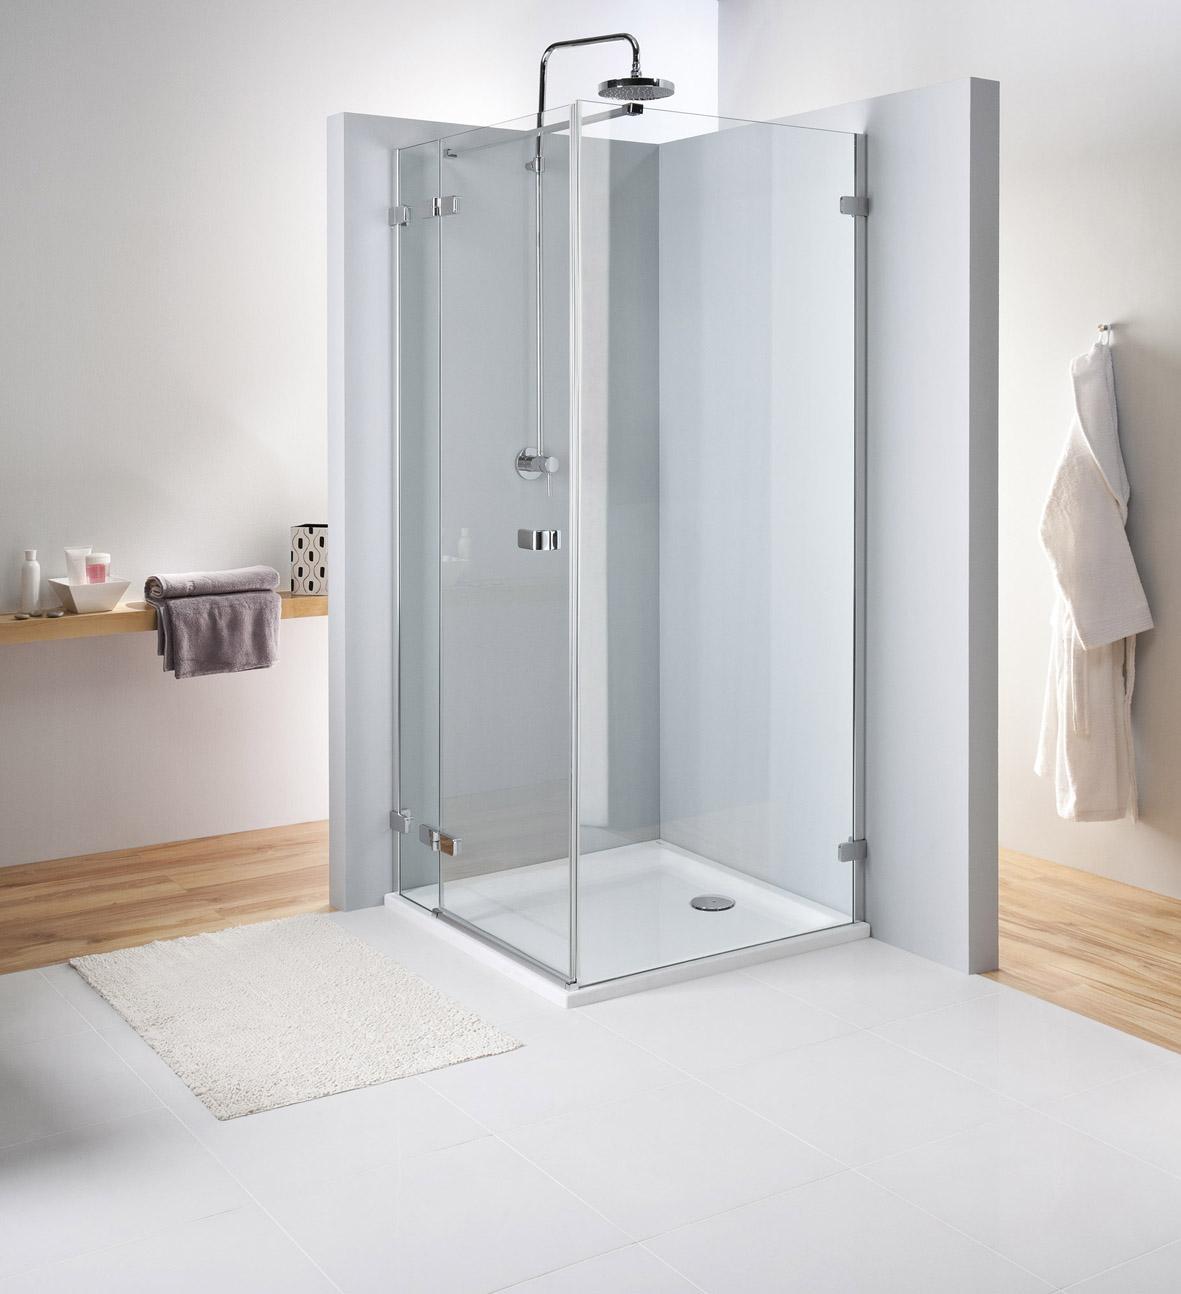 Kolo Next - křídlové dveře 100 cm, pro kombinaci s pevnou boční stěnou, sklo čiré, stříbrná lesklá HDSF10222003 L/R